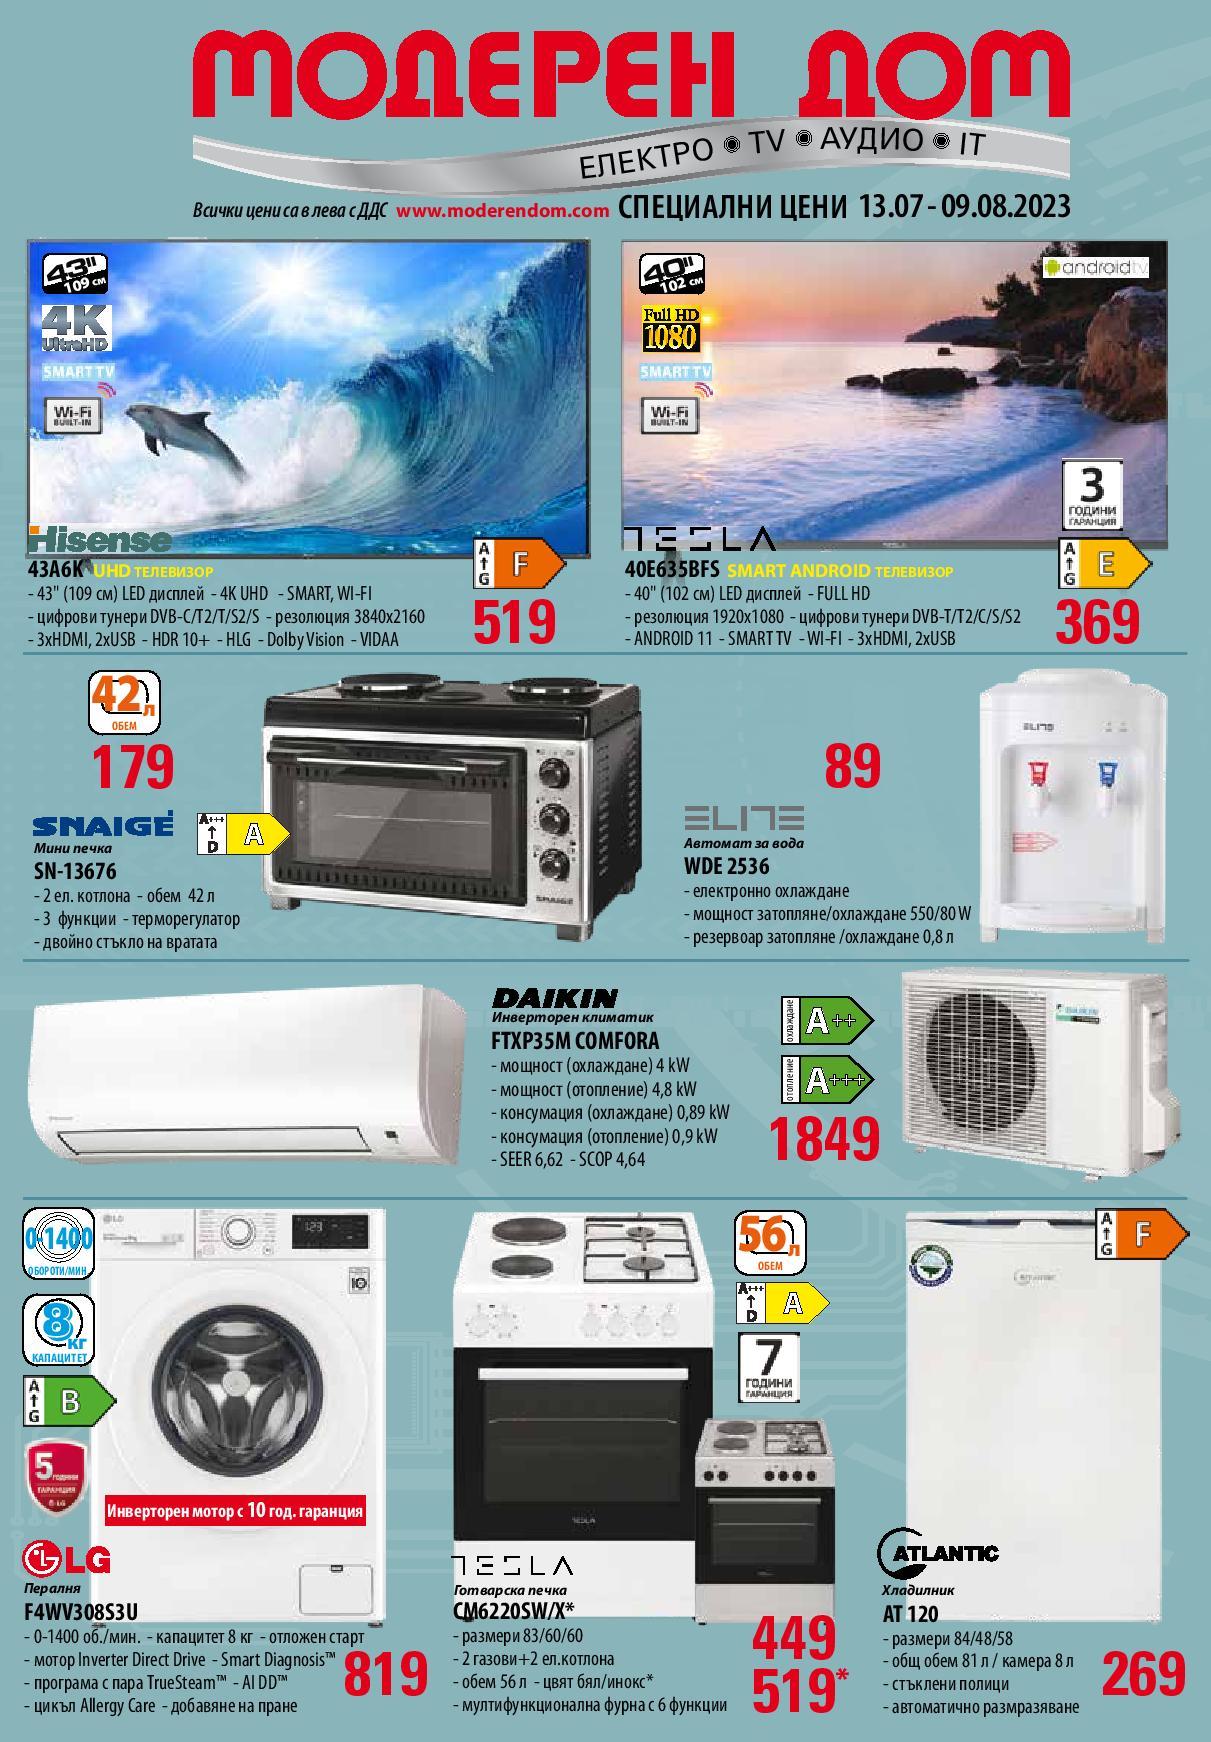 http://www.moderendom.com/images-promo/promocia_03_2013-001.jpg